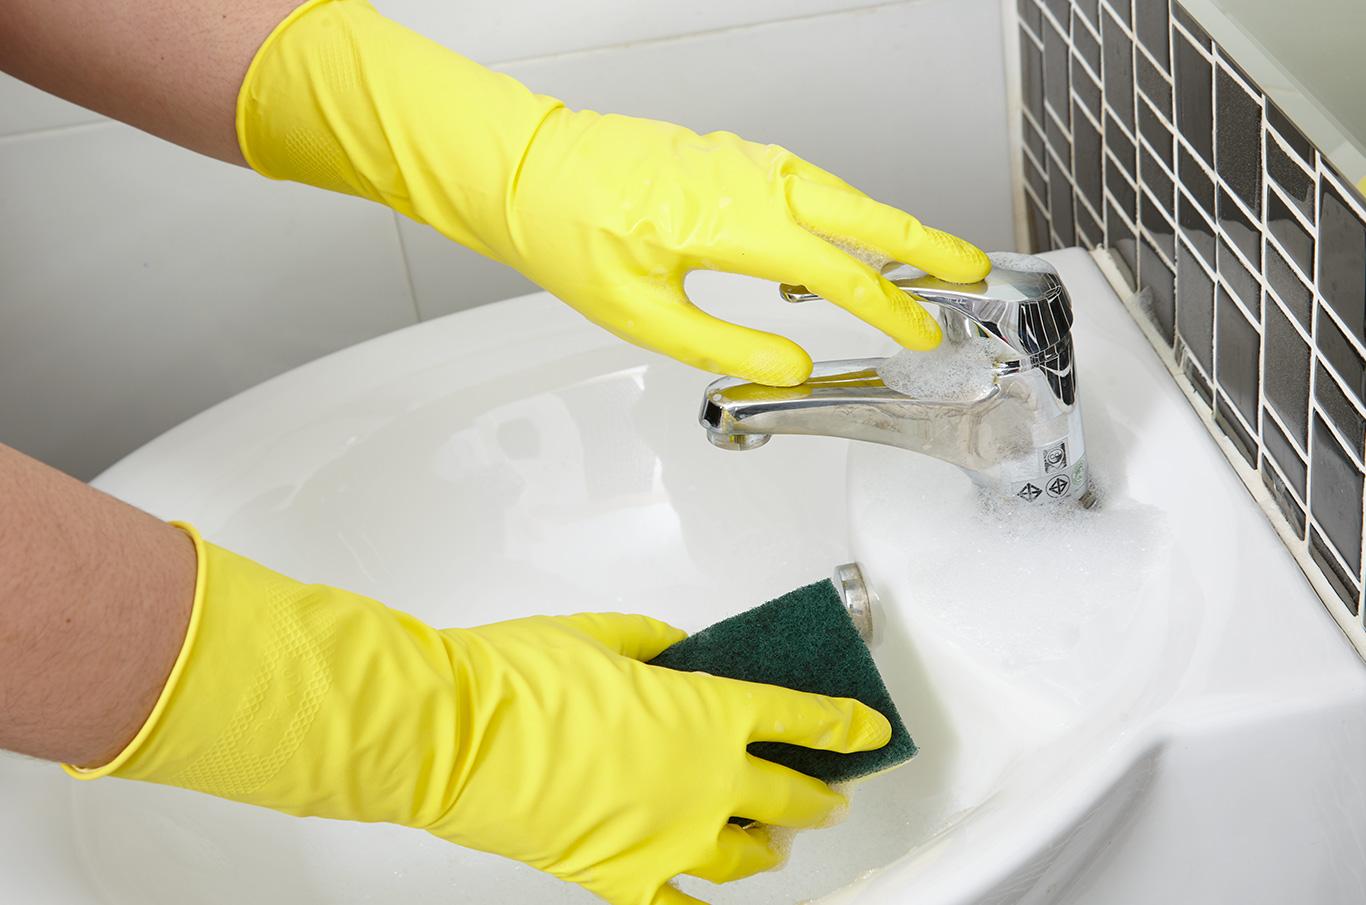 Household gloves, cleaning gloves, janitorial gloves, flocklined gloves, unlined gloves, ถุงมือยาง,ถุงมือยางพารา, ถุงมือแม่บ้าน, ถุงมือทำความสะอาด,ถุงมือมีซับใน, ถุงมือราคาถูก, ถุงมือยางสีม่วง, ถุงมือยางสีส้ม, ถุงมือยางสีน้ำเงิน, ถุงมือยางสีแดง, ถุงมือ flocklined, ถุงมือม้วนขอบ, ถุงมือตัดขอบ, ถุงมือล้างจาน, ถุงมือล้างห้องน้ำ